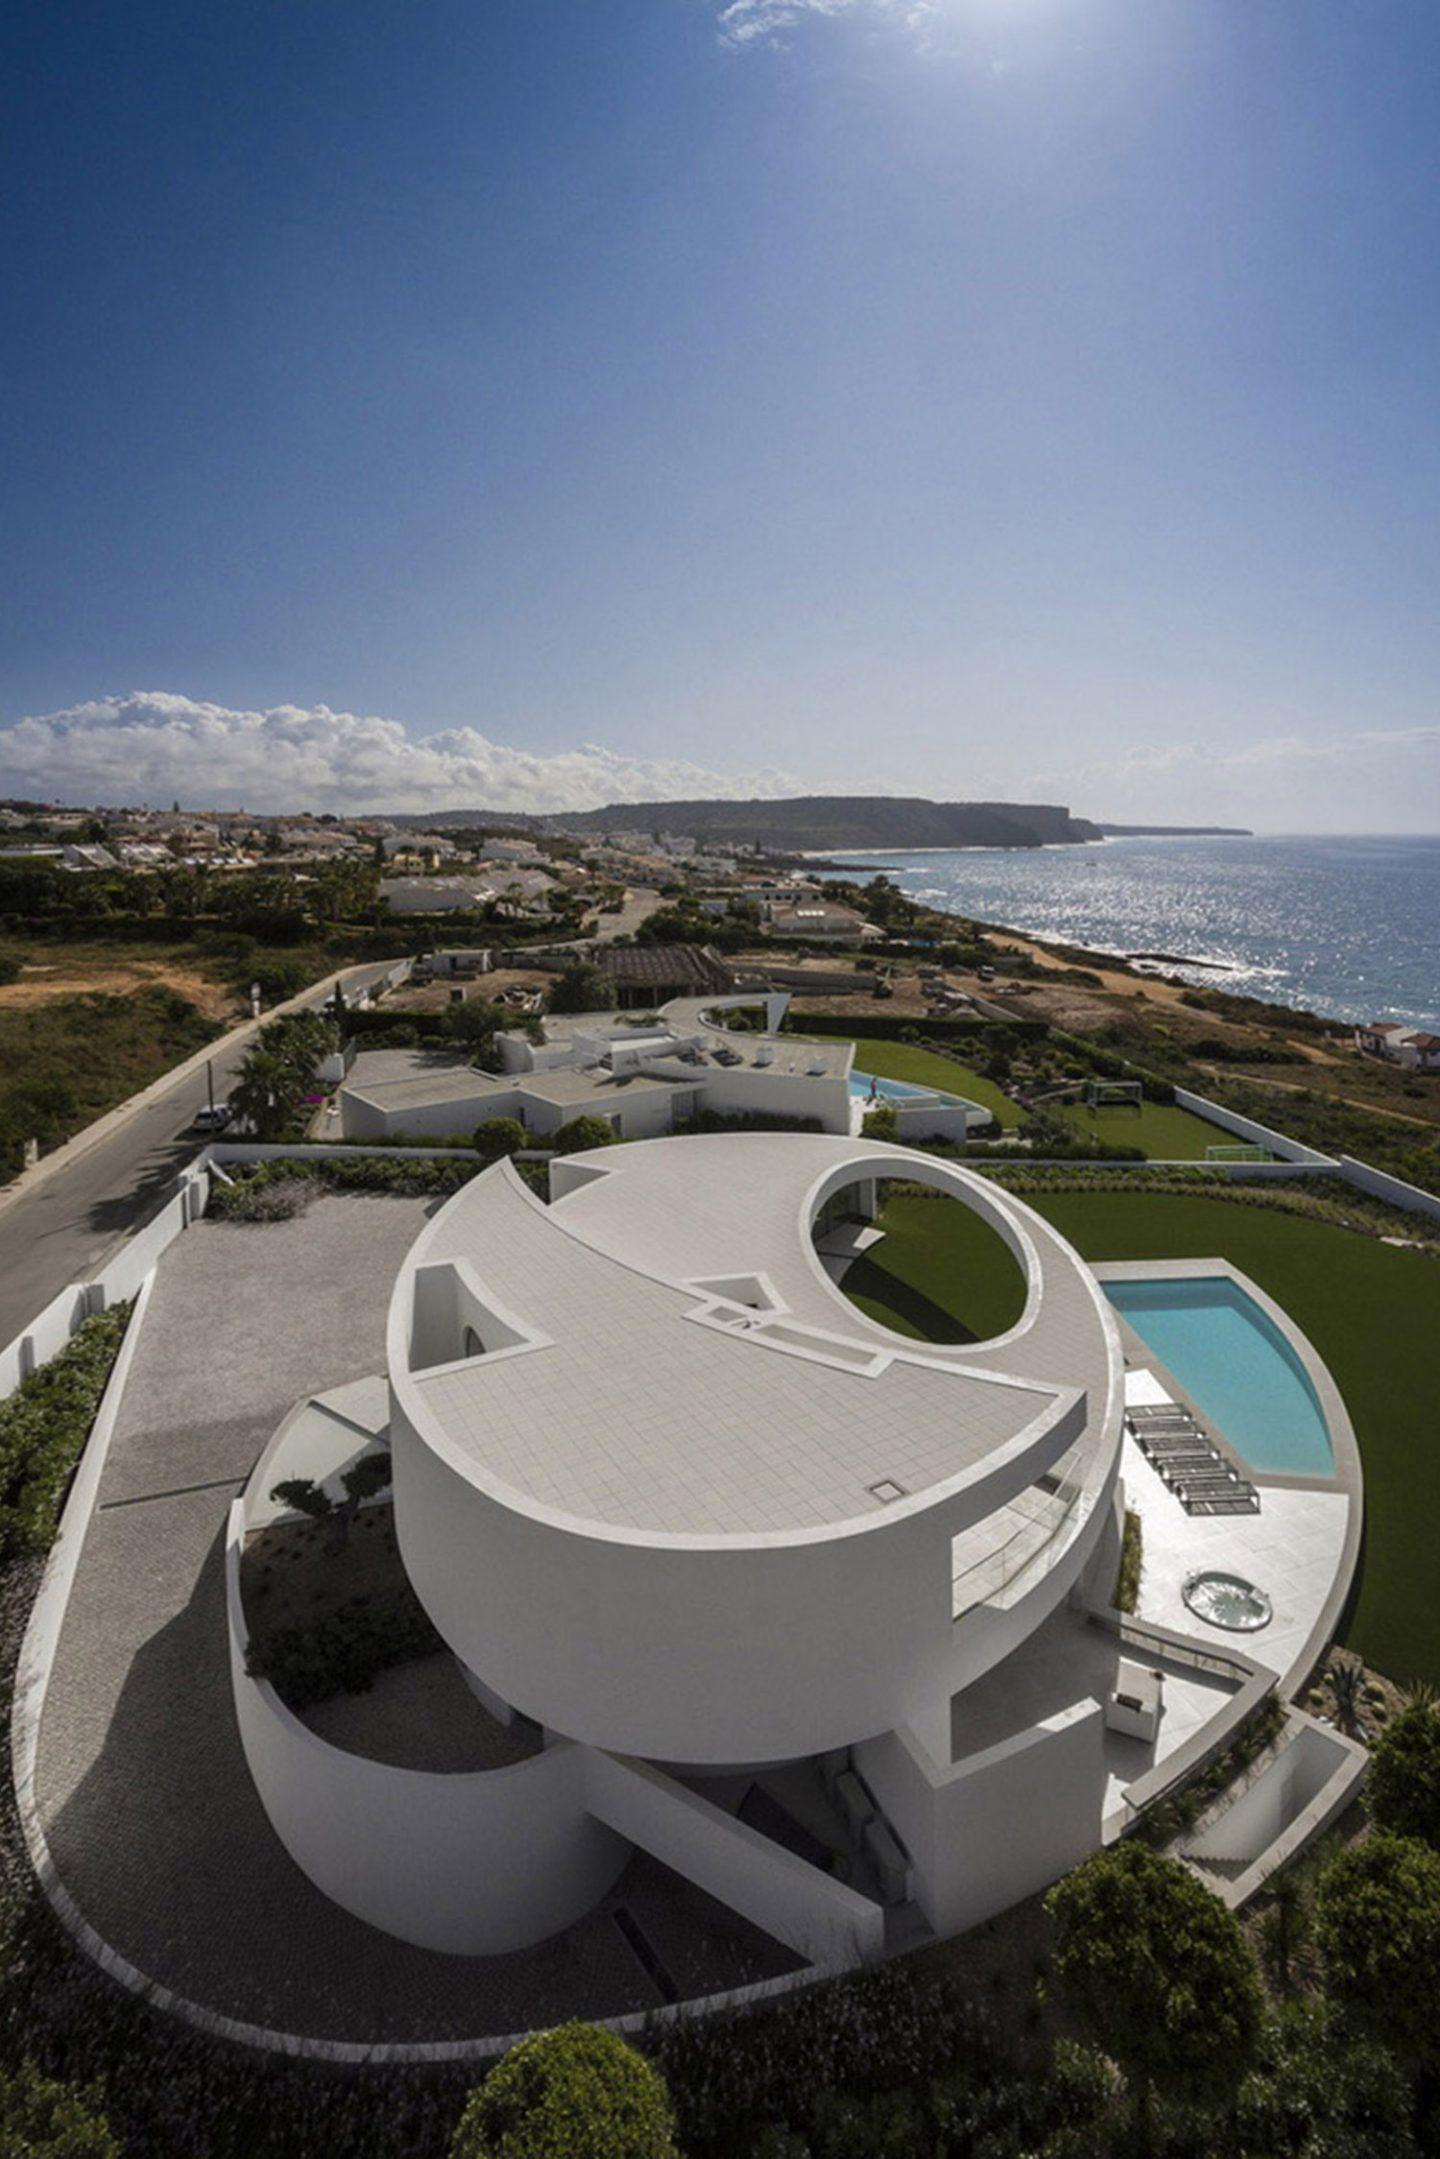 Architecture_CasaEliptica_MarioMartinsAtelier08